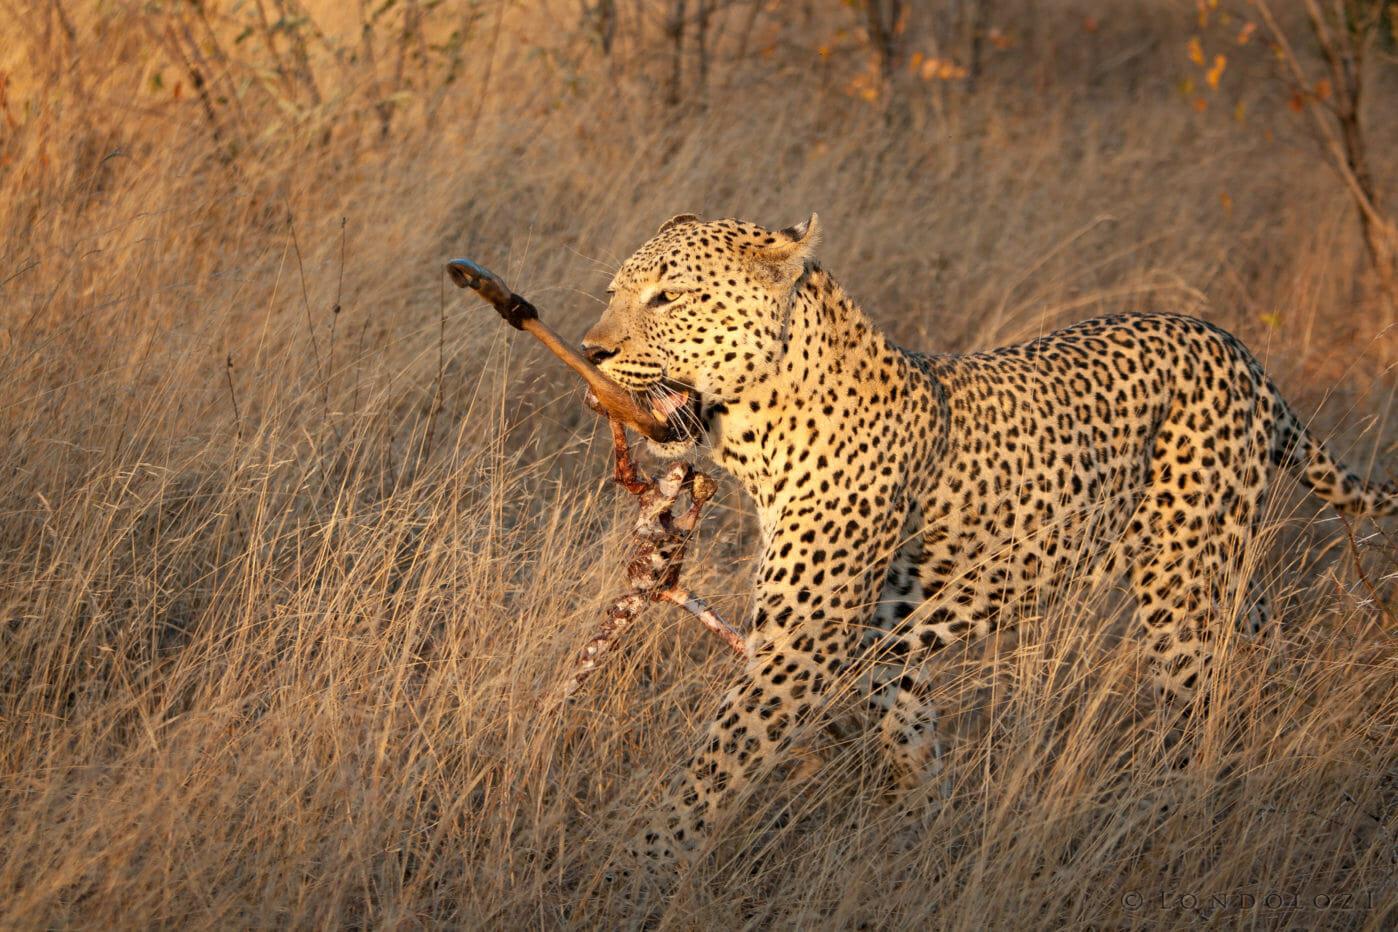 Camp Pan Leopard Scavenge Jt